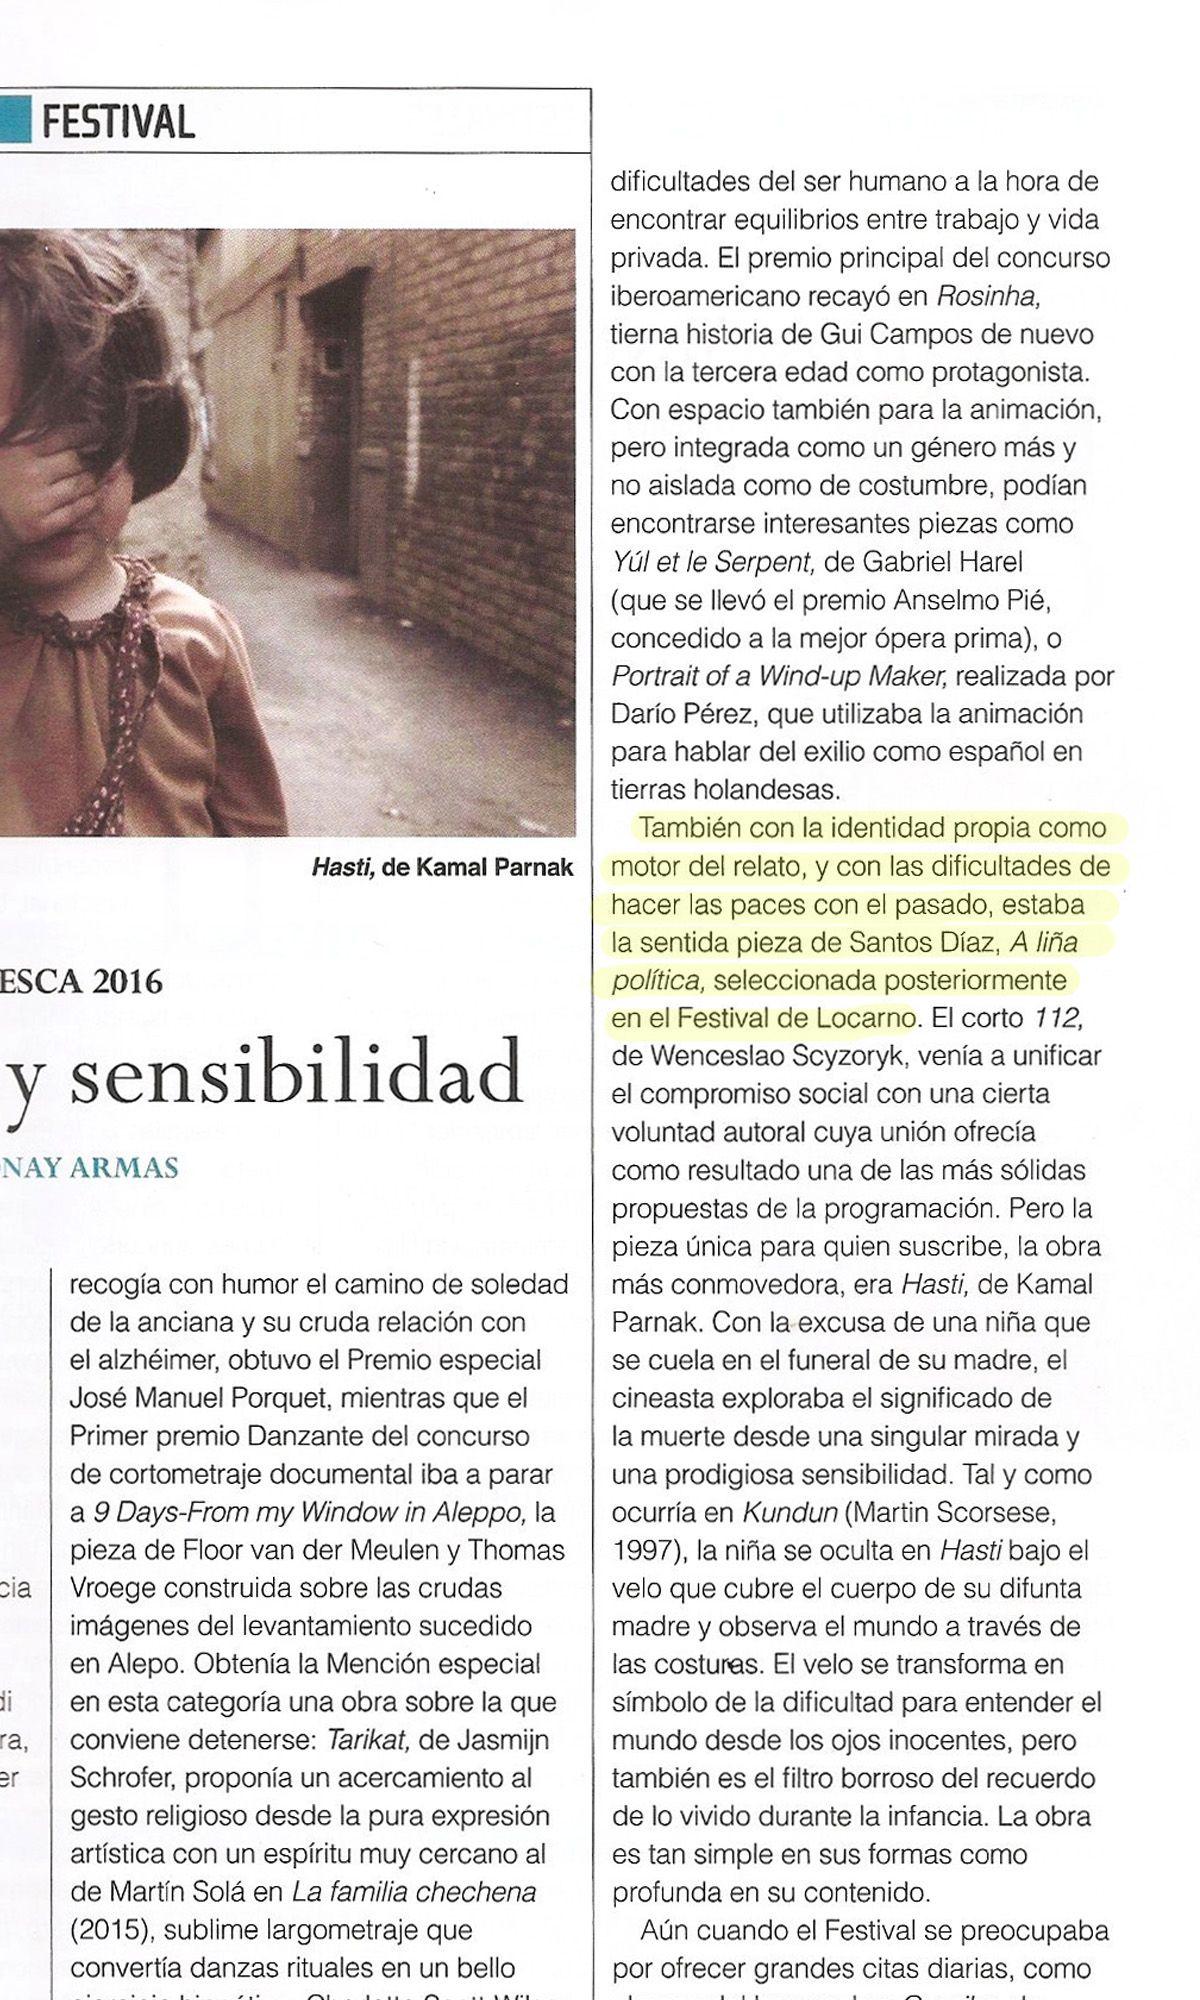 'A liña política', de Santos Díaz, en la crónica del Festival de Cine de Huesca de Jonay Armas para 'Caimán. Cuadernos de cine' (septiembre 2016). #Digital104FilmDistribution